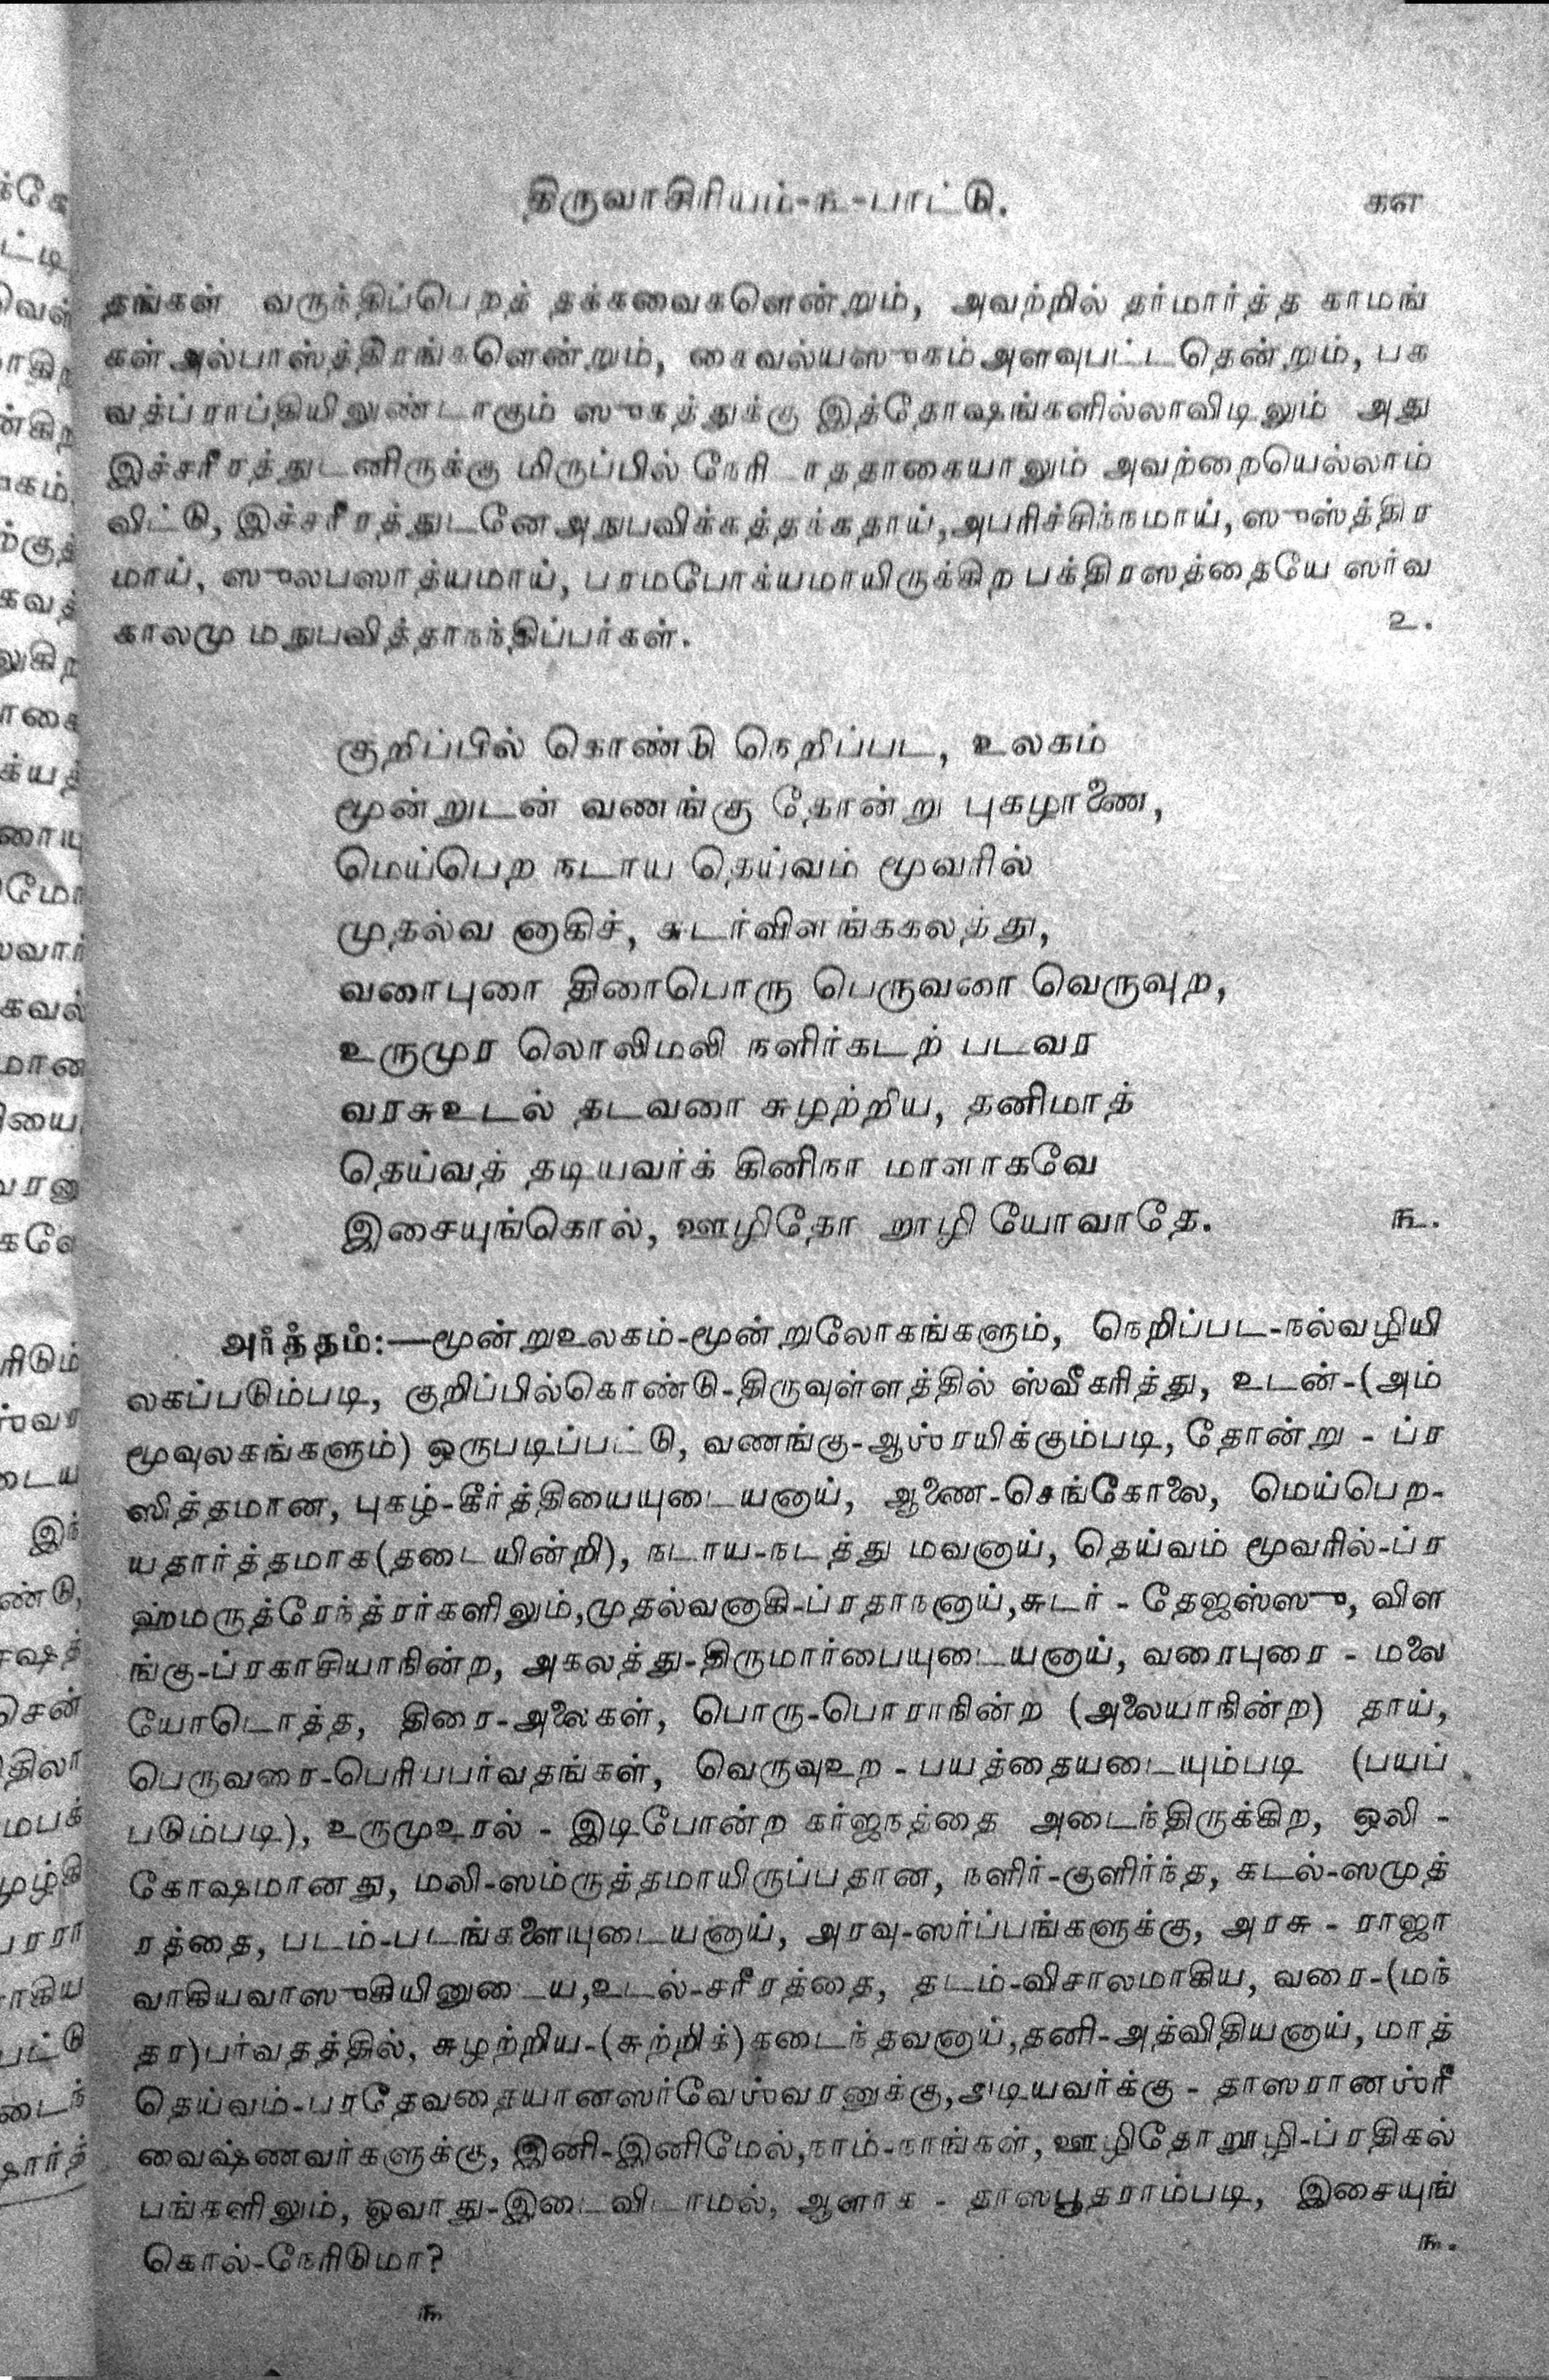 e-book on Thiru Vaasiriam Vyakhyanam | Sri Vaishnavam